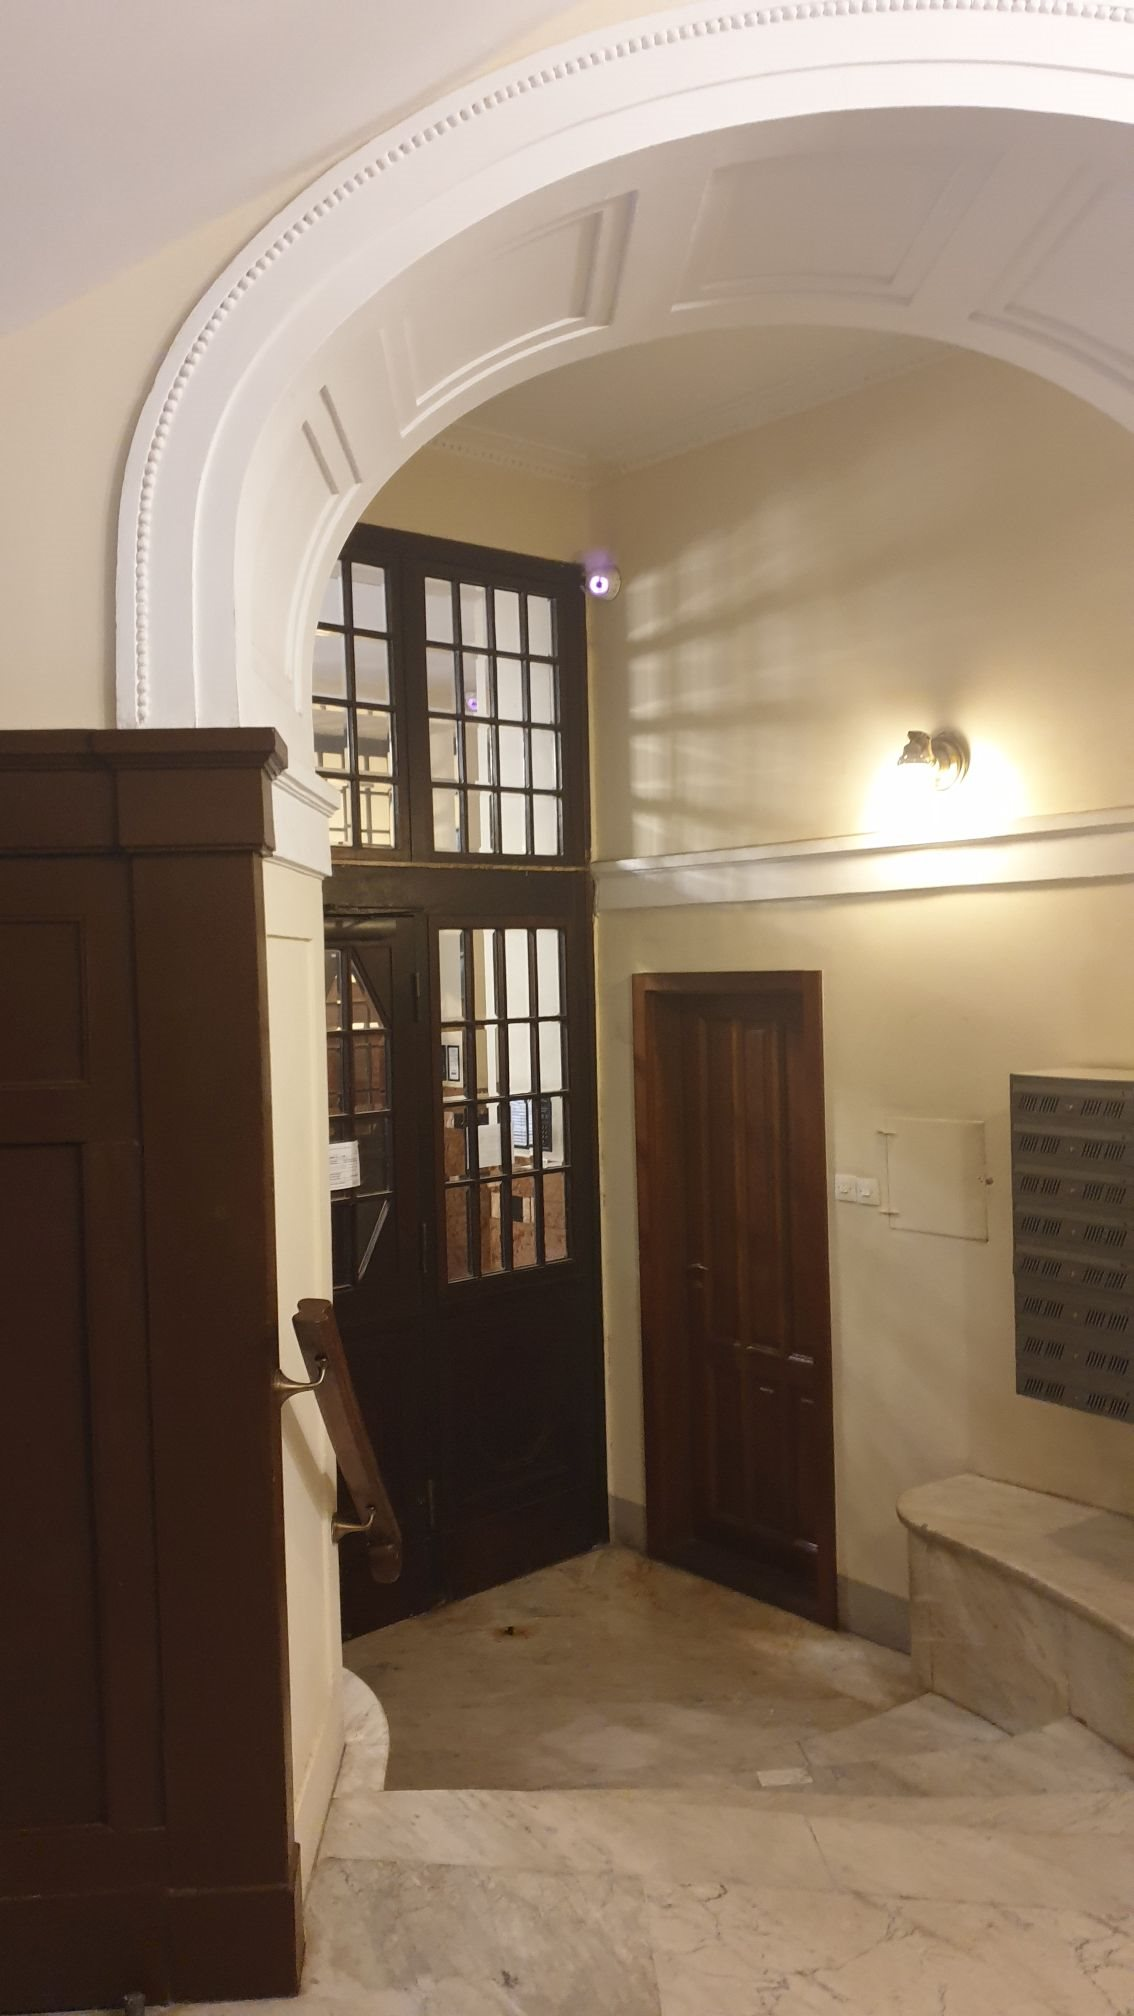 Mieszkanie na wynajem Warszawa, Śródmieście, Piękna/Mokotowska  160m2 Foto 10